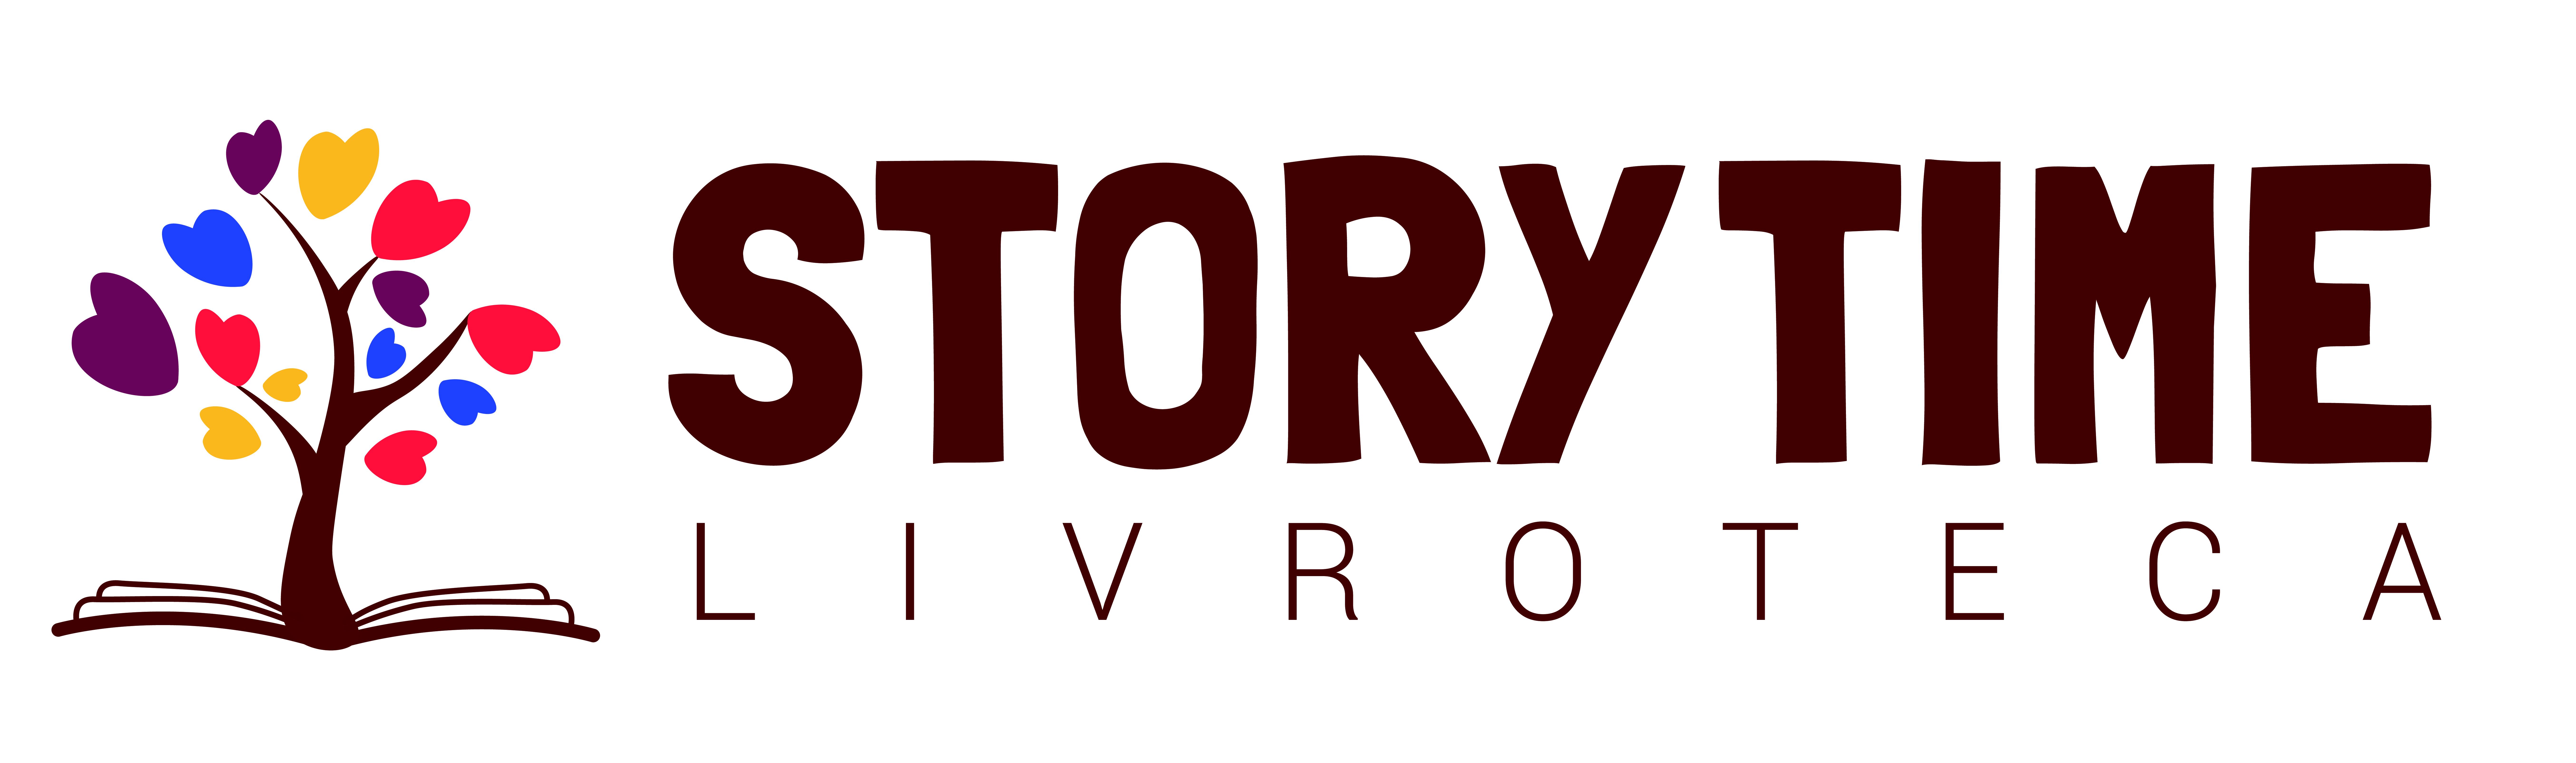 Livroteca Story Time